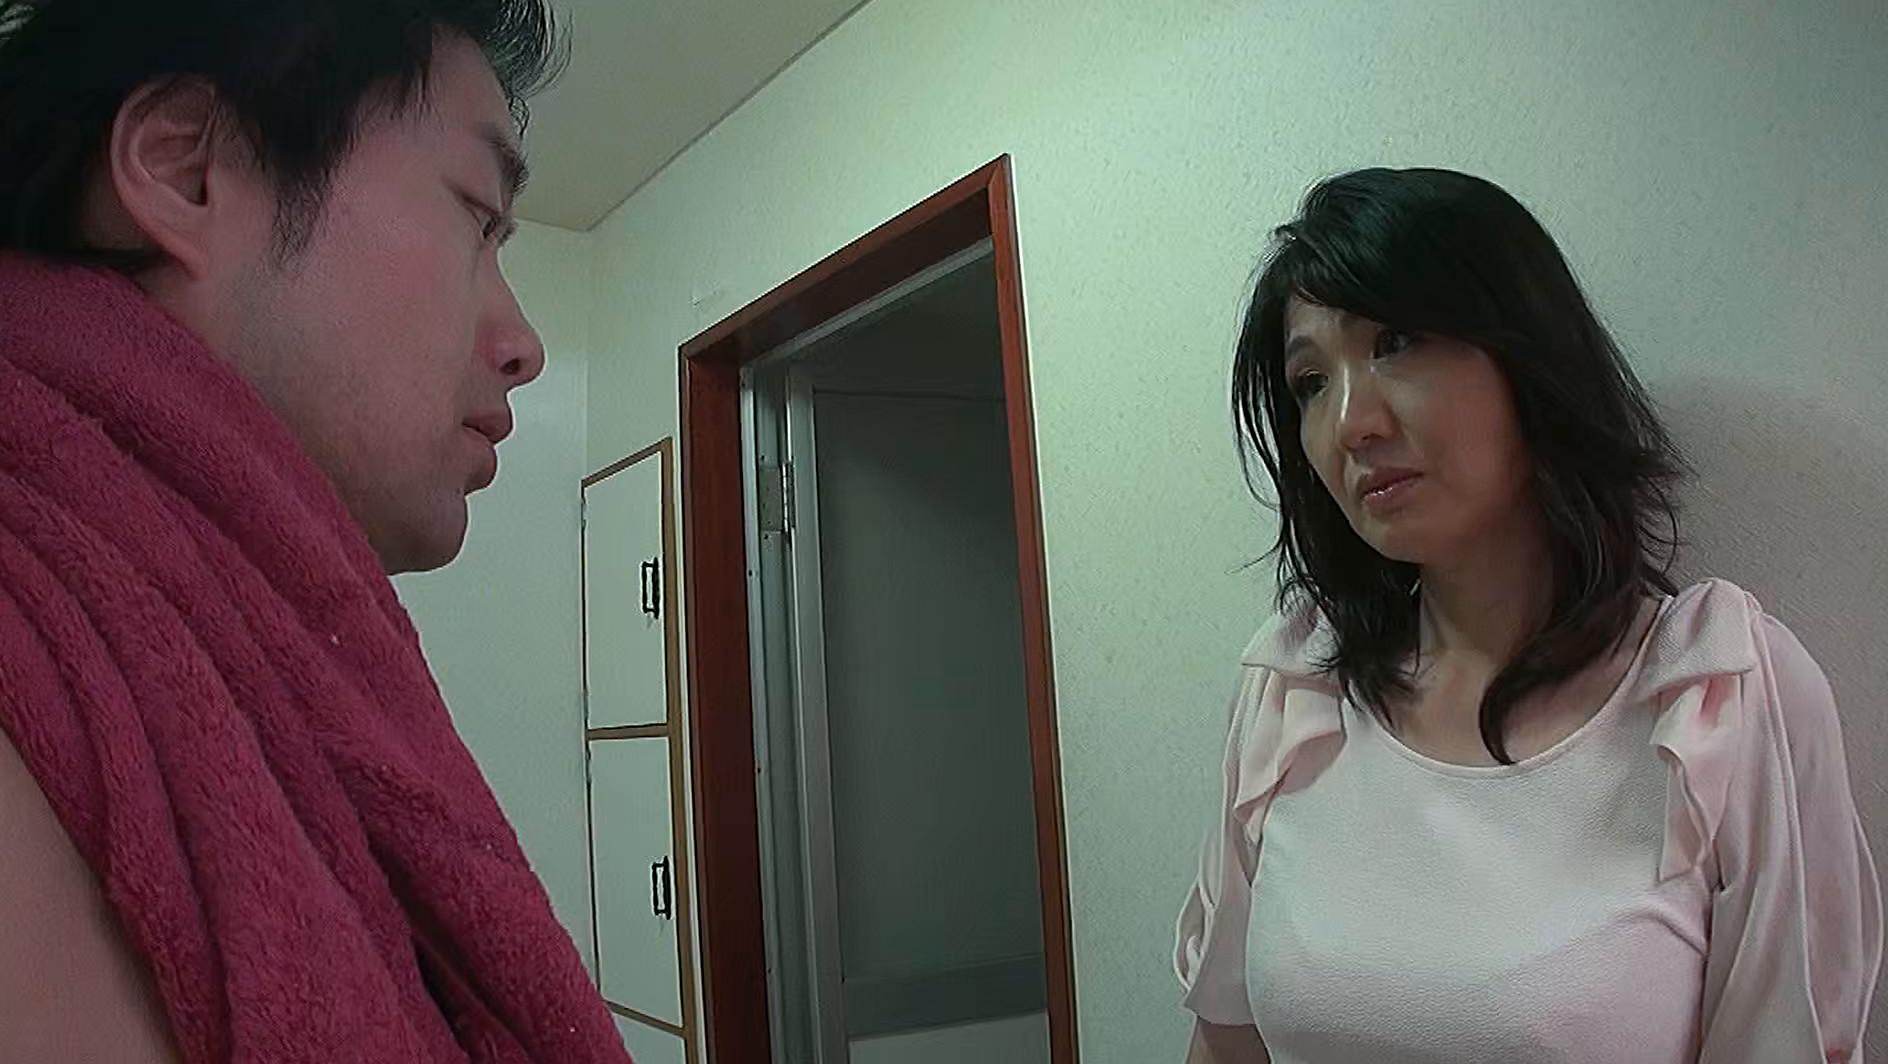 熟女 交尾ドラマ全集 アテナ秘宝館 10人4時間 画像6